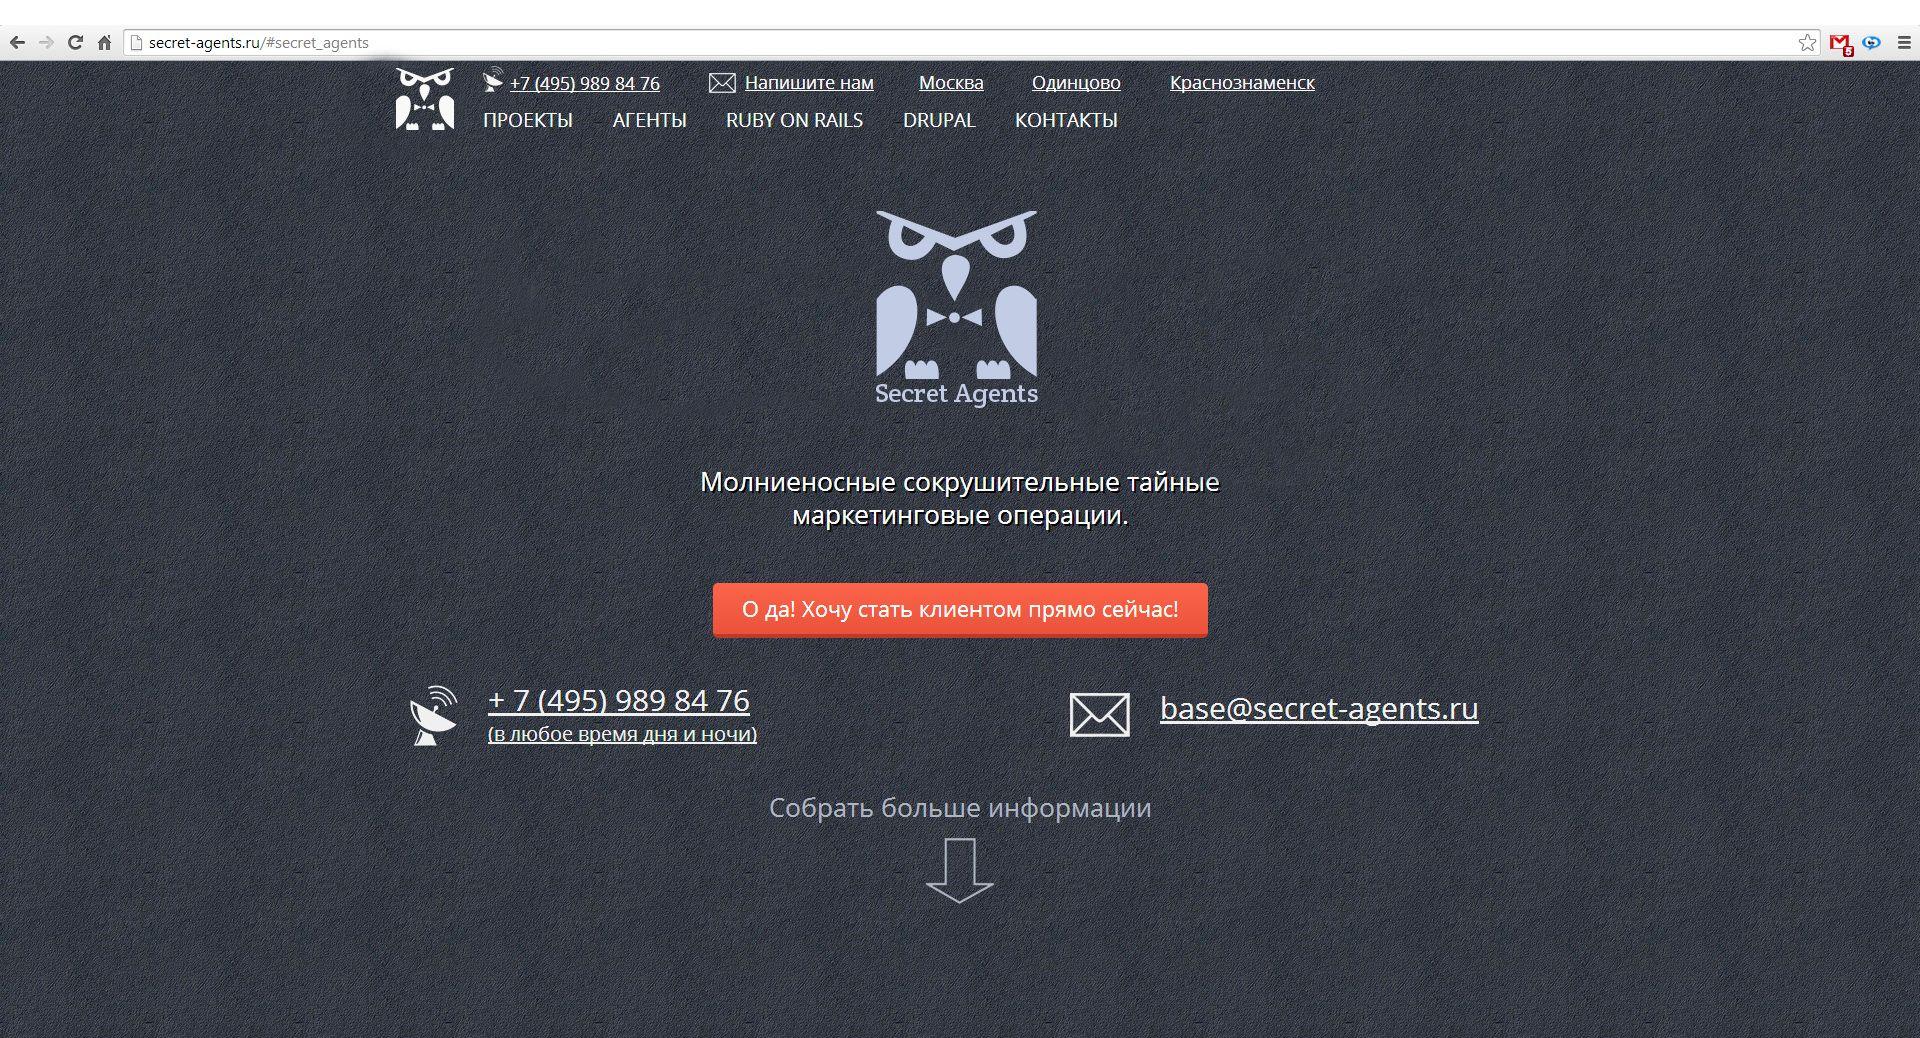 Логотип для веб-разработчика Secret Agents - дизайнер Novikov_M